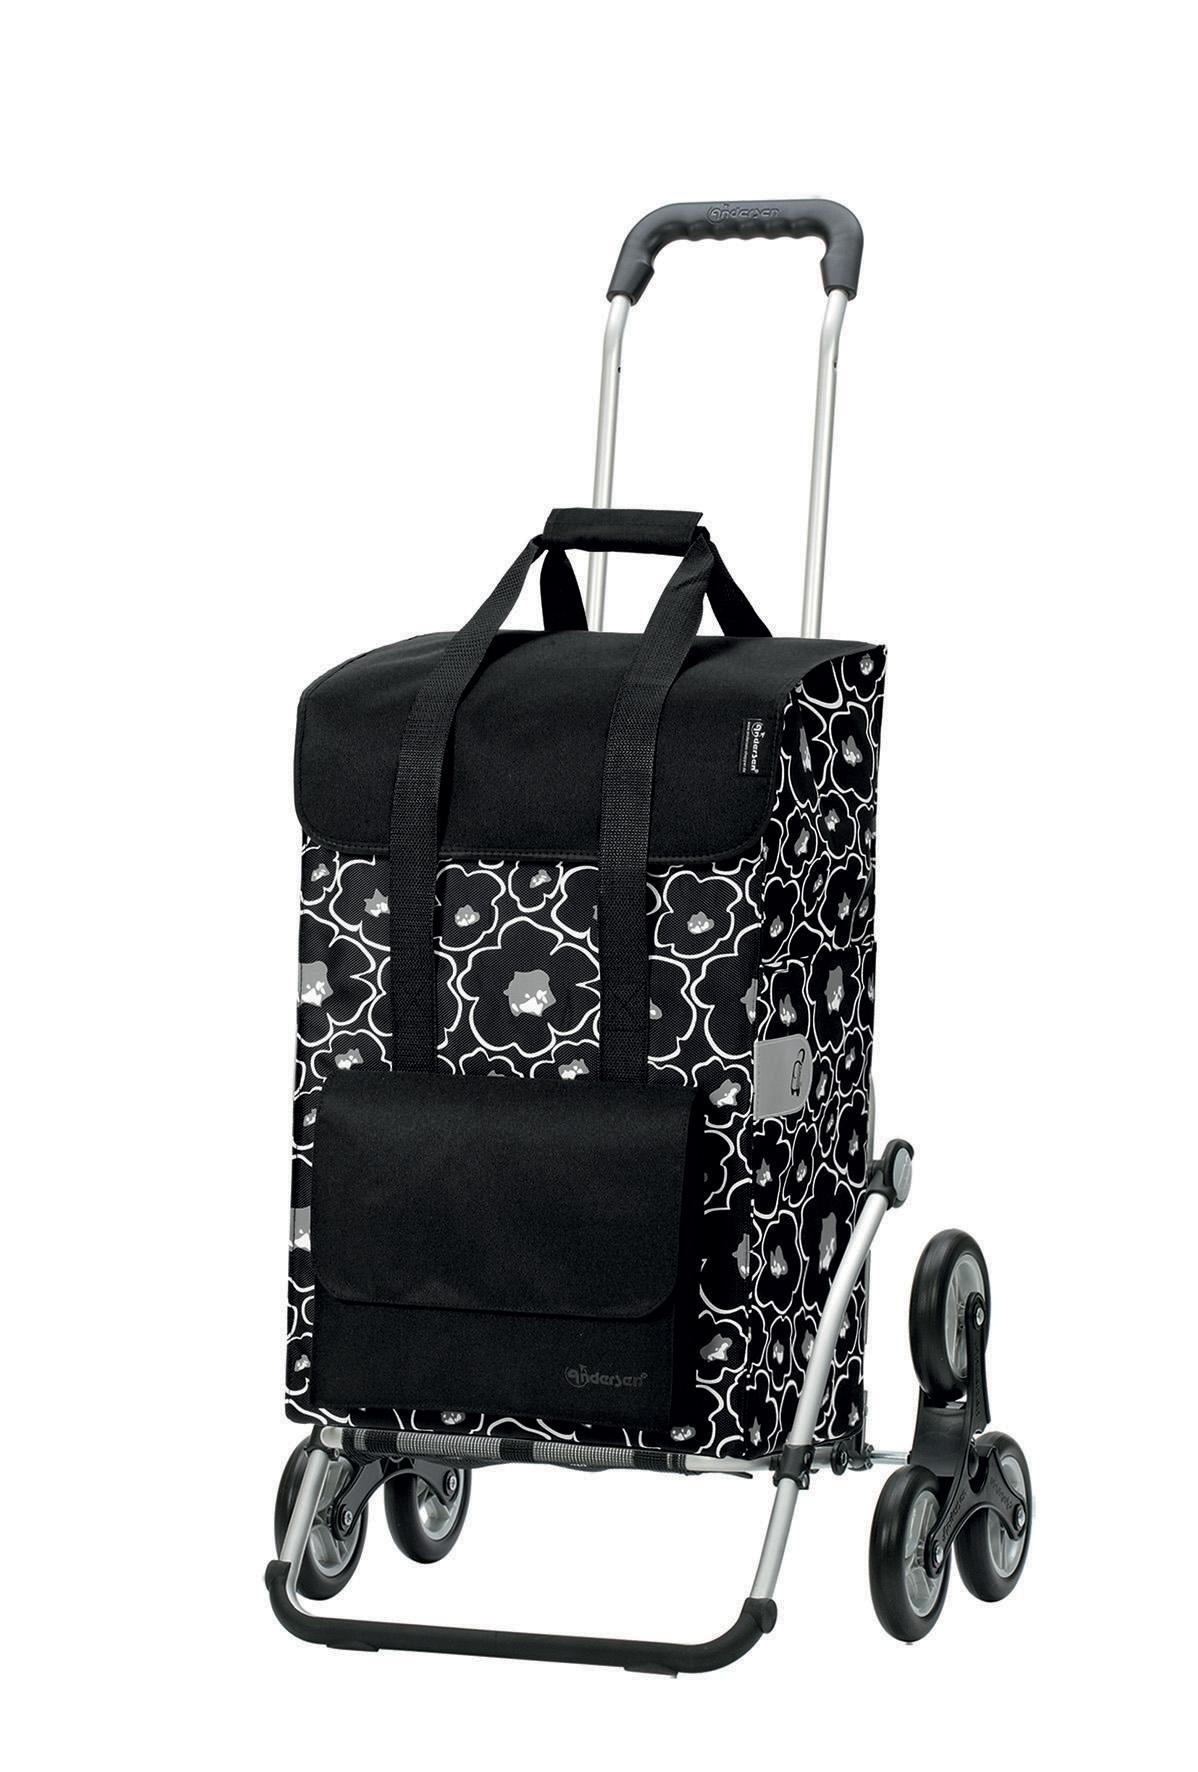 Andersen Einkaufstrolley Royal Shoper Alba MADE IN GERMANY 48 Liter | Taschen > Handtaschen > Einkaufstasche | Andersen